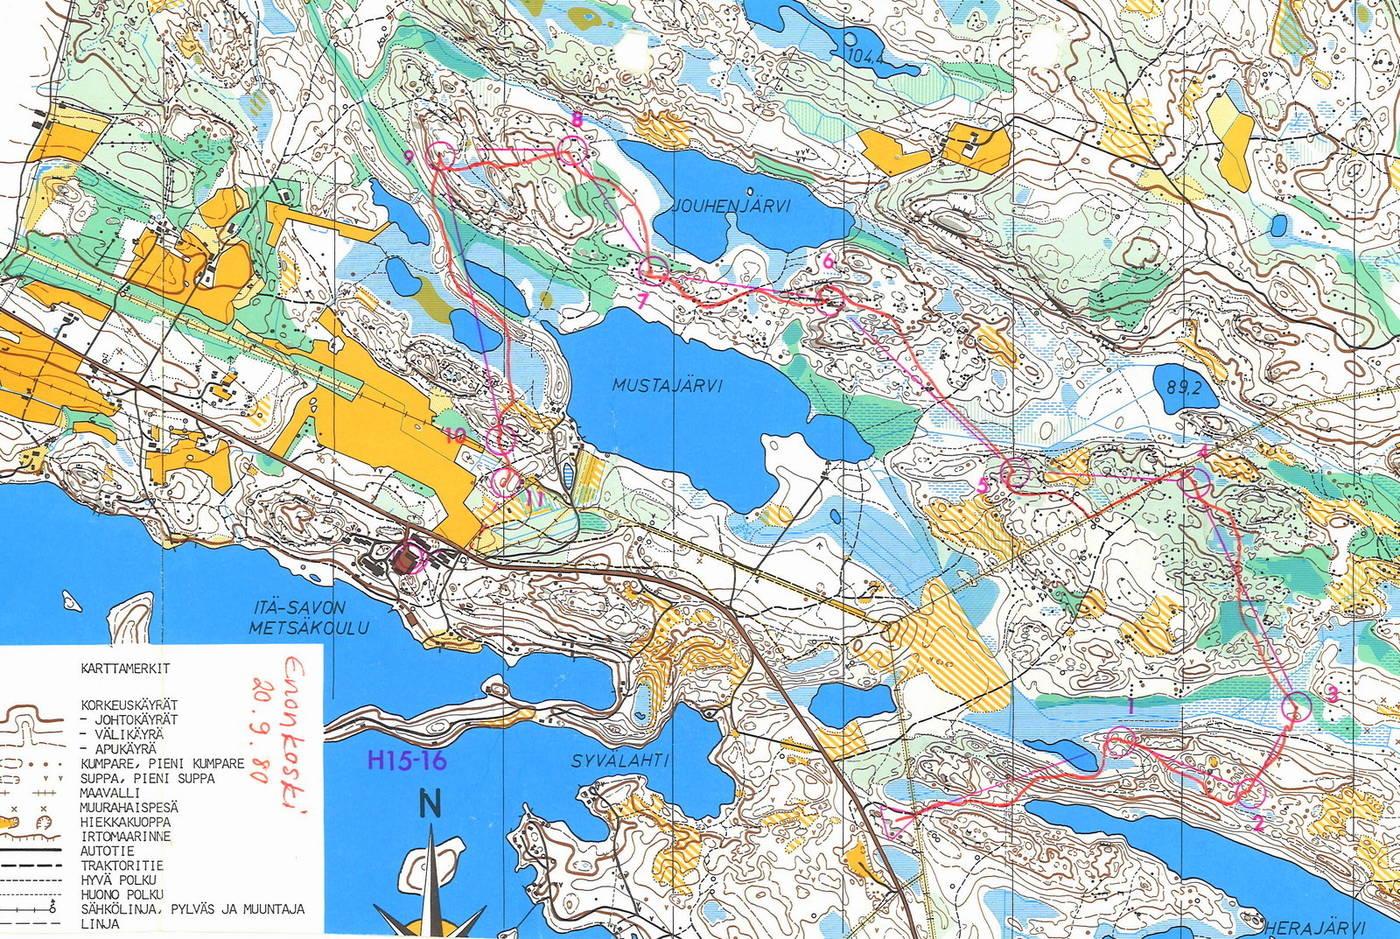 My Doma Digitaalinen Kartta Arkisto Sm Normaalimatka M14 4 7